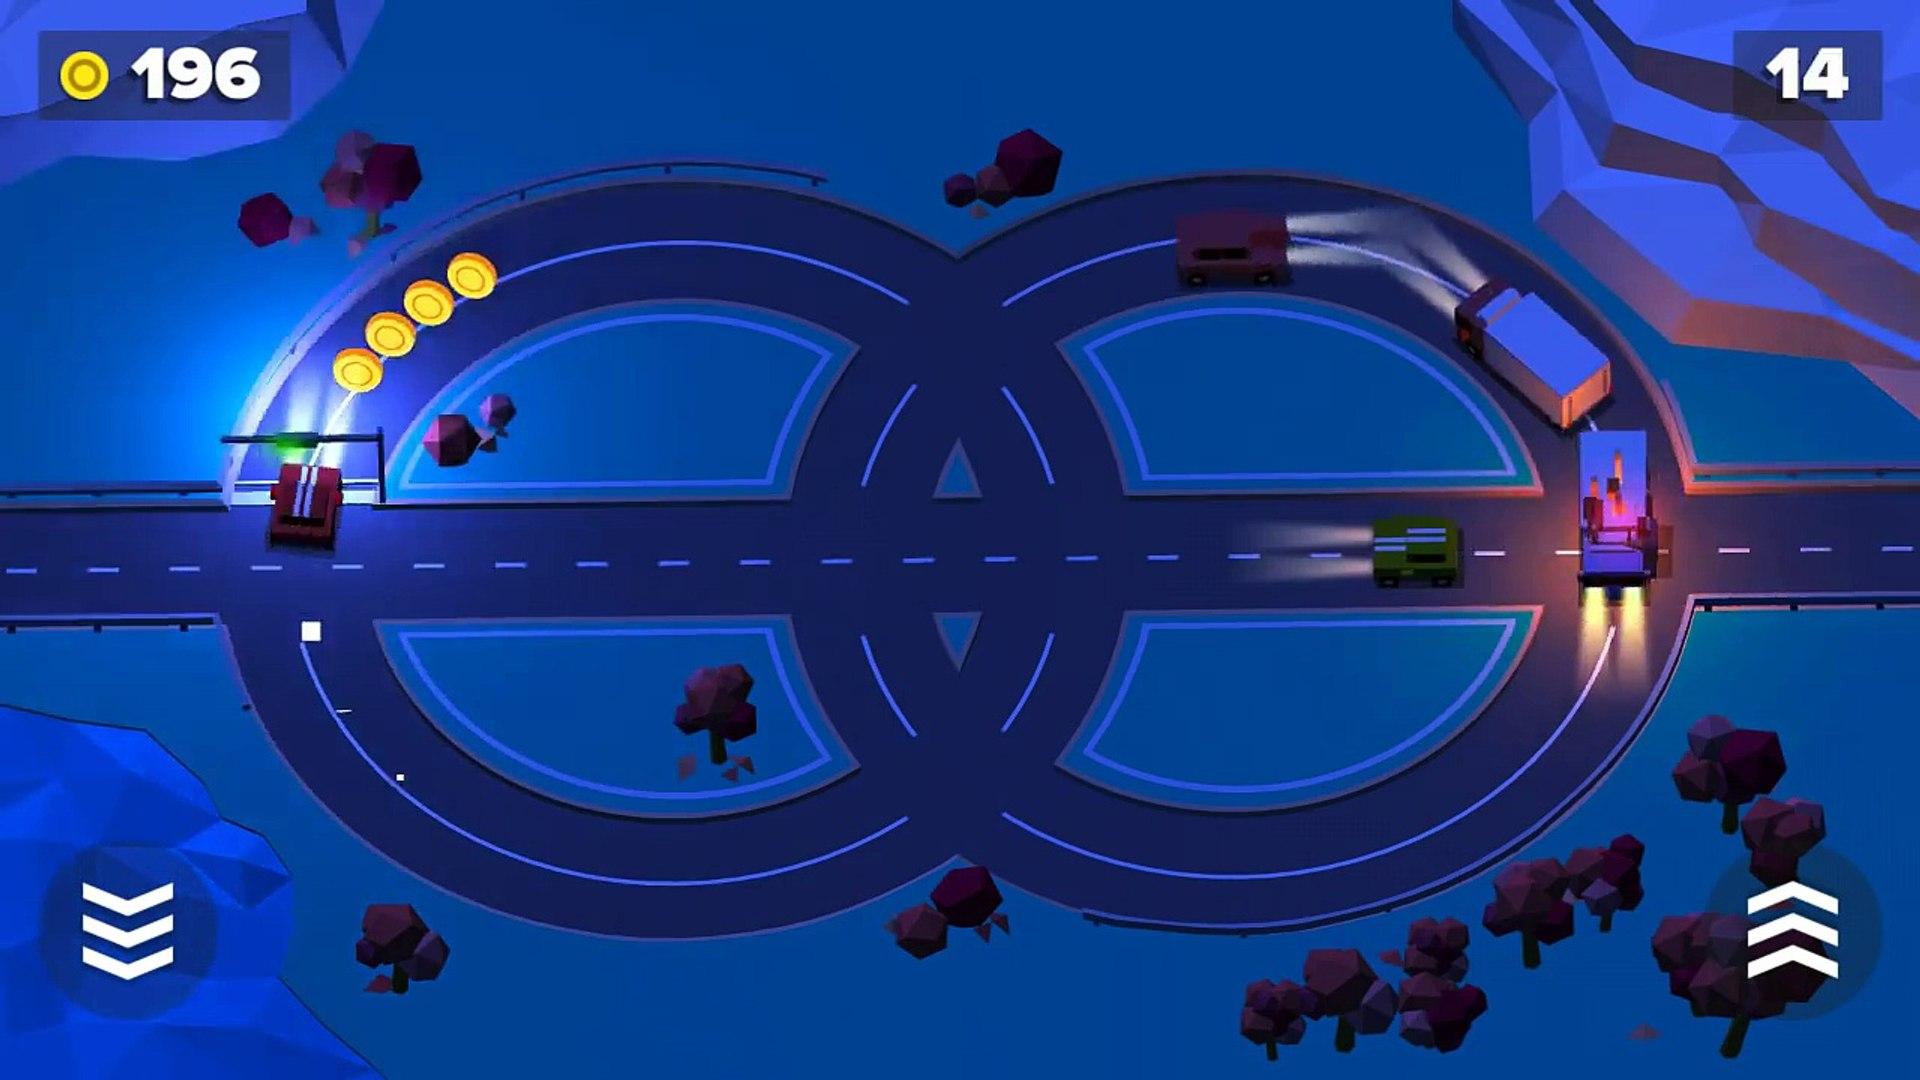 2. андроид по бы повседневная водить машину Игры петля GameGuru HD